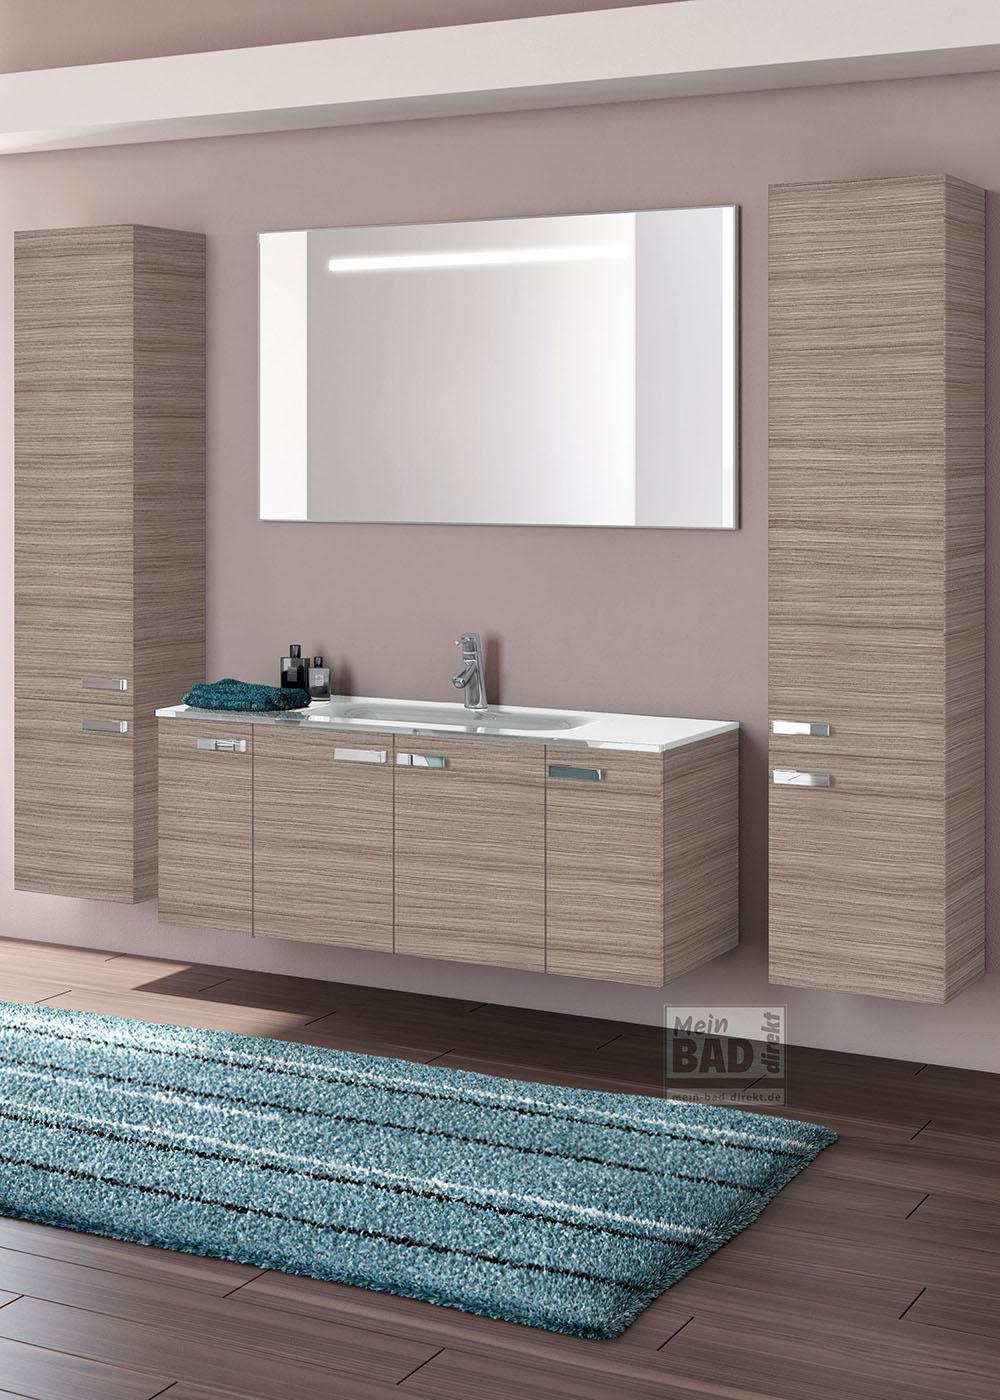 Unglaublich Mein Bad Sammlung Von Der Waschplatz: Mittelpunkt Im Badezimmer